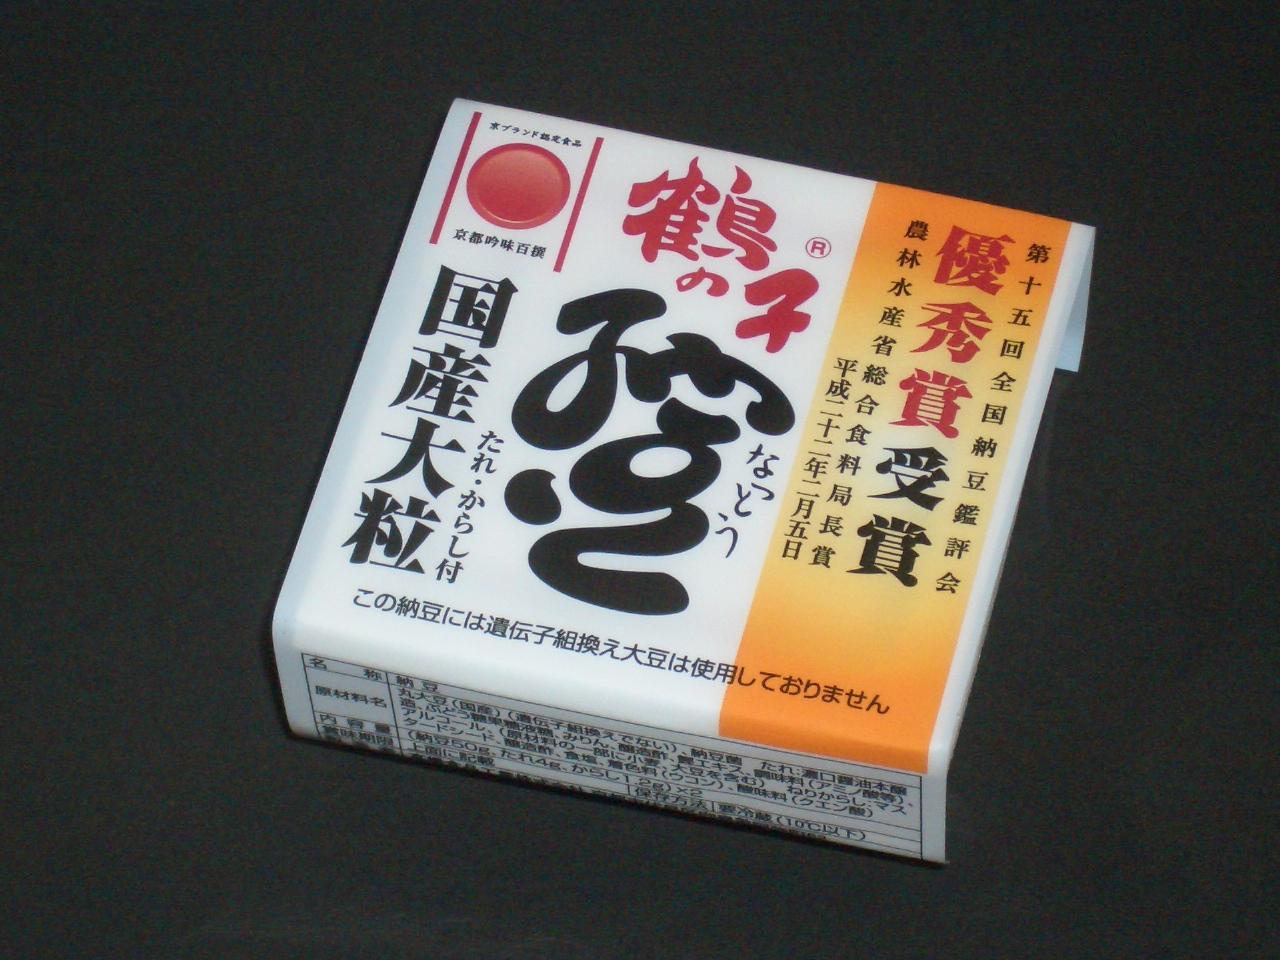 鶴の子納豆 高橋食品工業株式会社